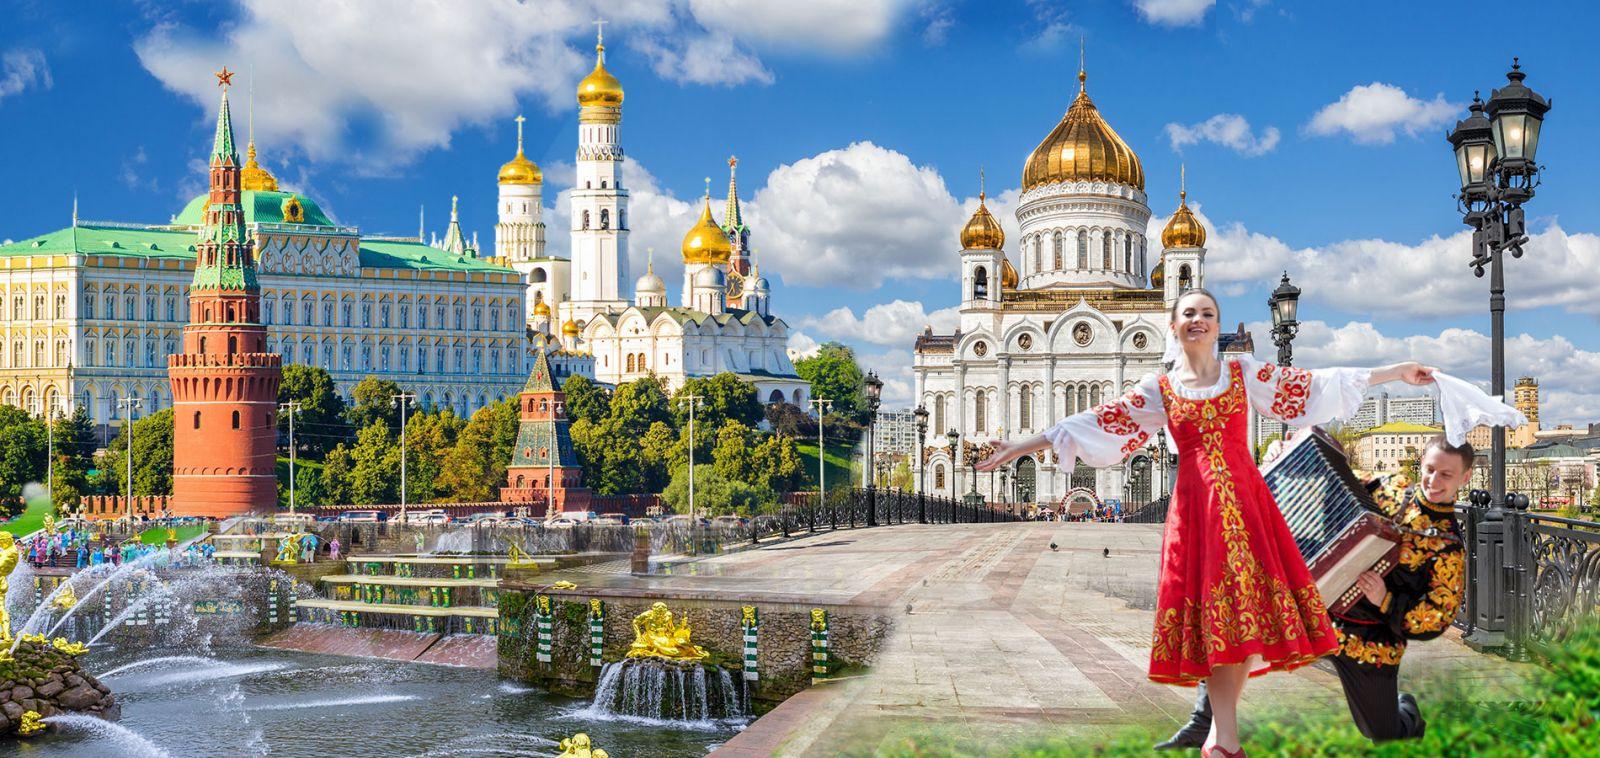 Kết quả hình ảnh cho hình ảnh đẹp Nhà thờ Chúa cứu thế Nga